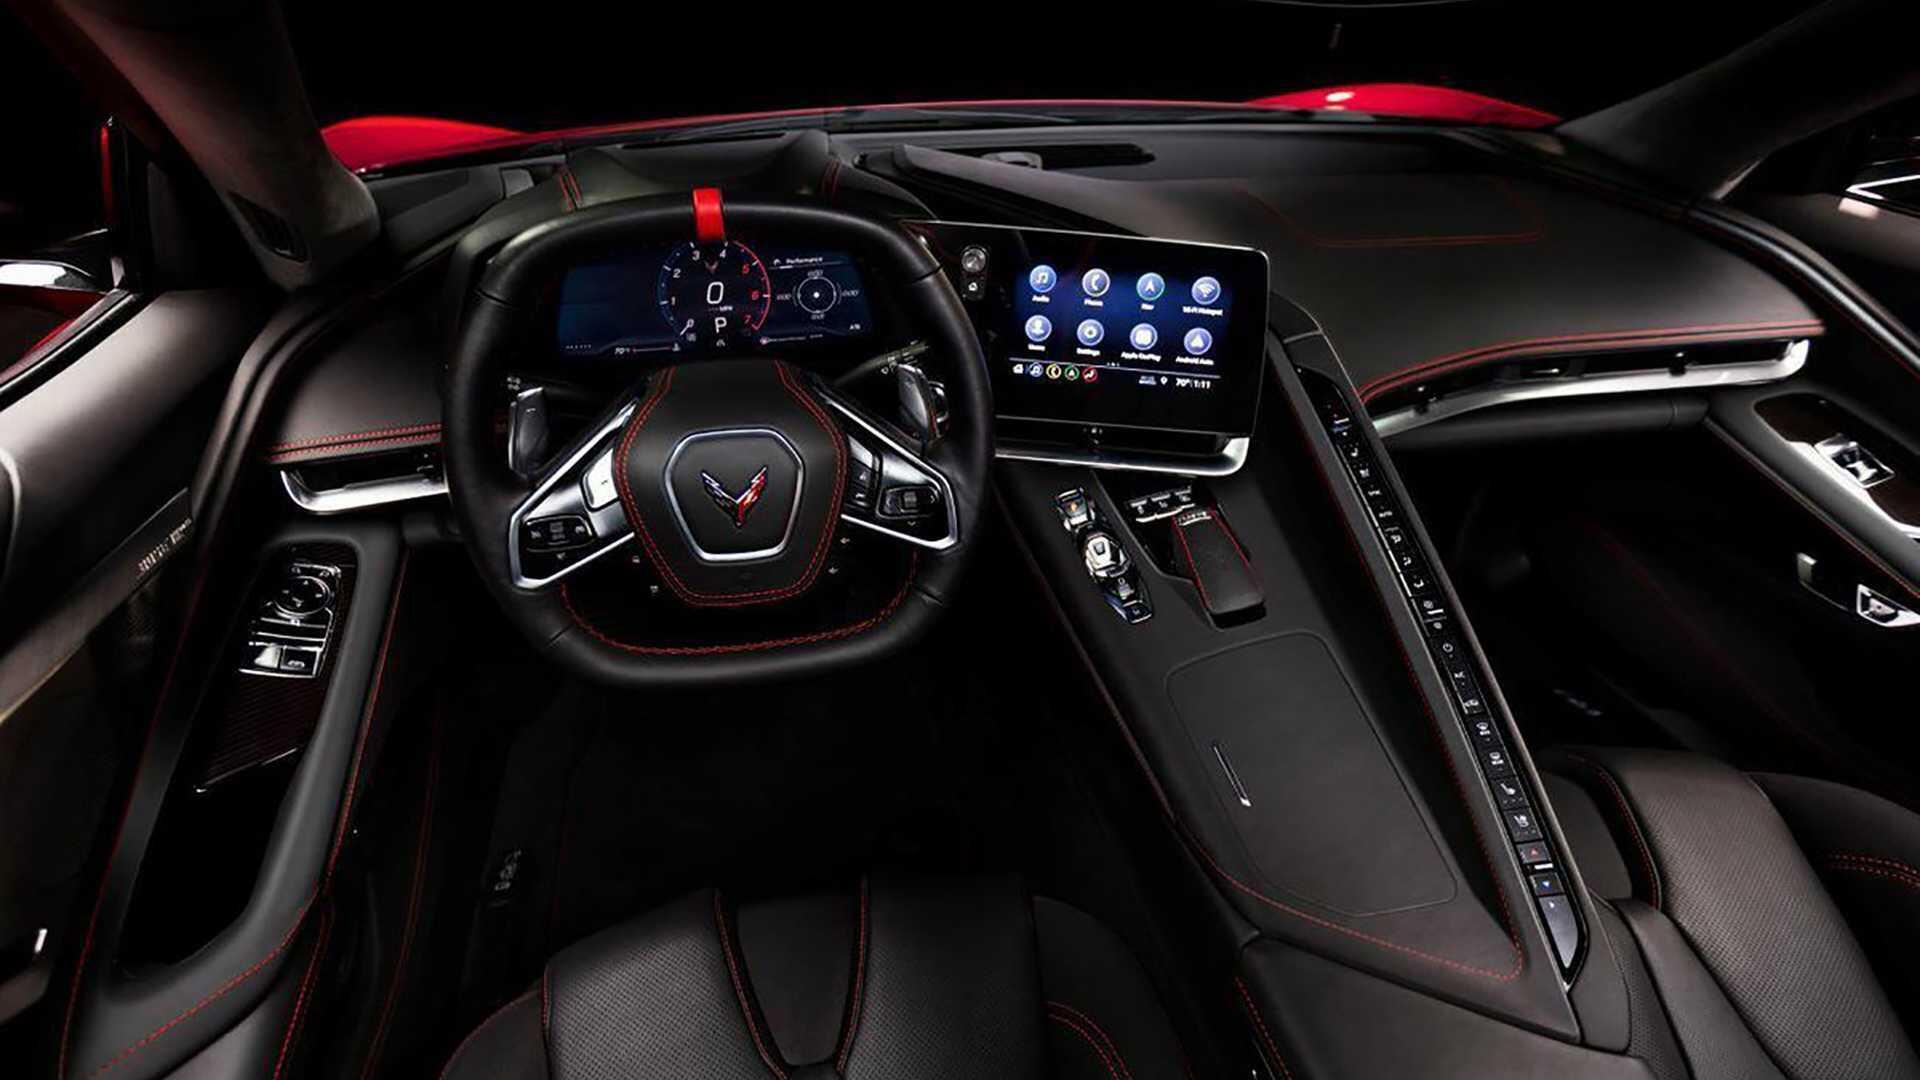 https://cdn.dailyxe.com.vn/image/chevrolet-corvette-2020-co-mot-so-tinh-nang-an-tuyet-voi-79-94583j2.jpg